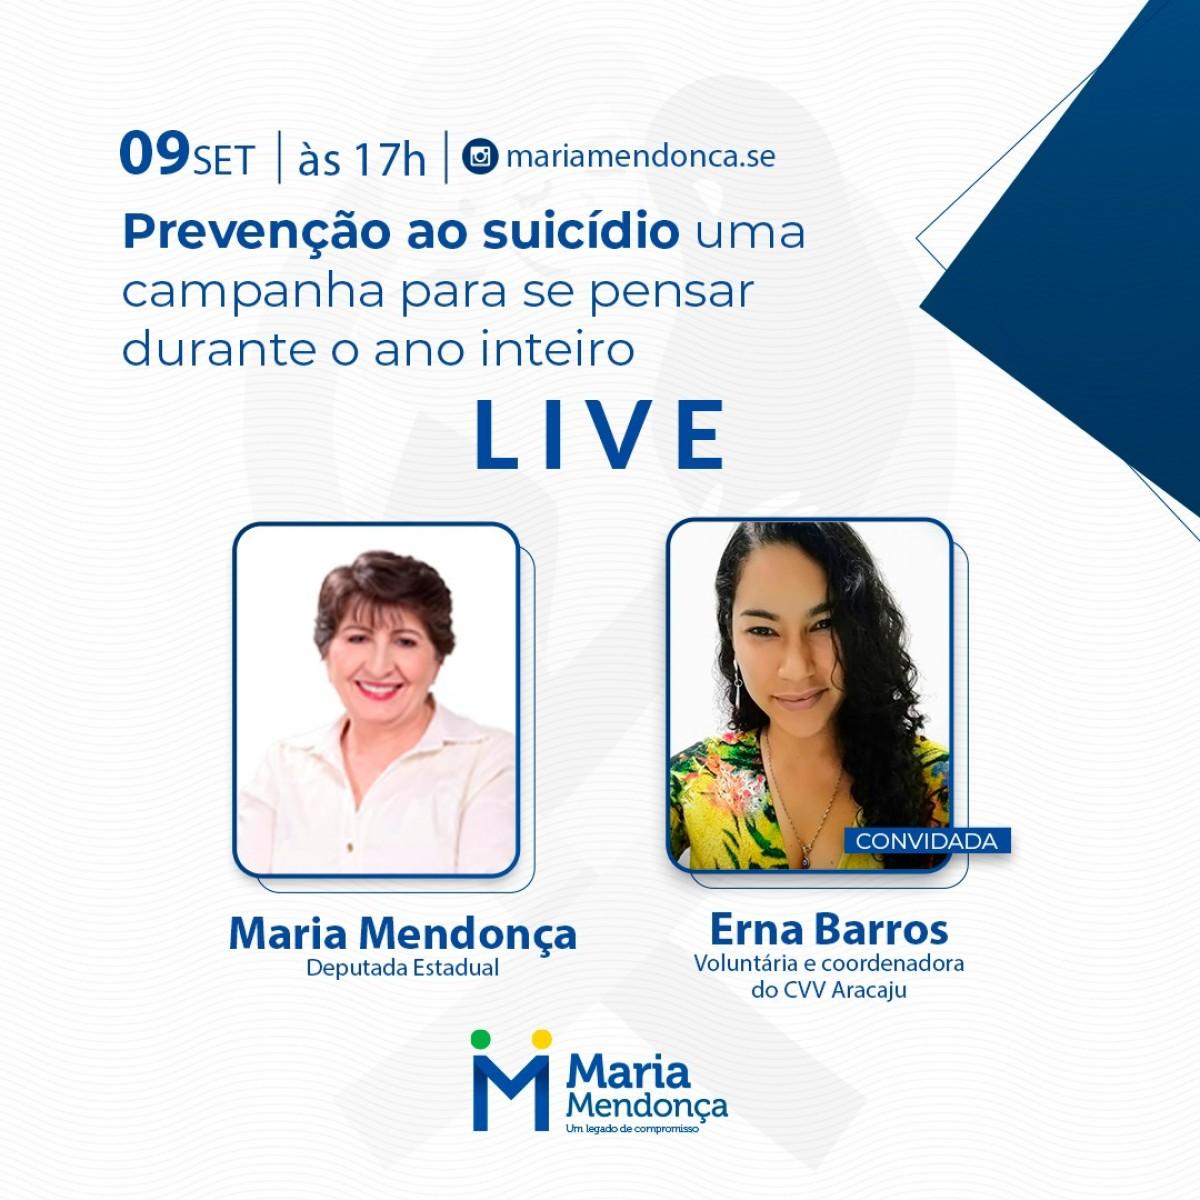 Setembro Amarelo: Sergipe ocupa terceira posição em taxa de suicídio (Imagem: Assessoria Maria Mendonça)